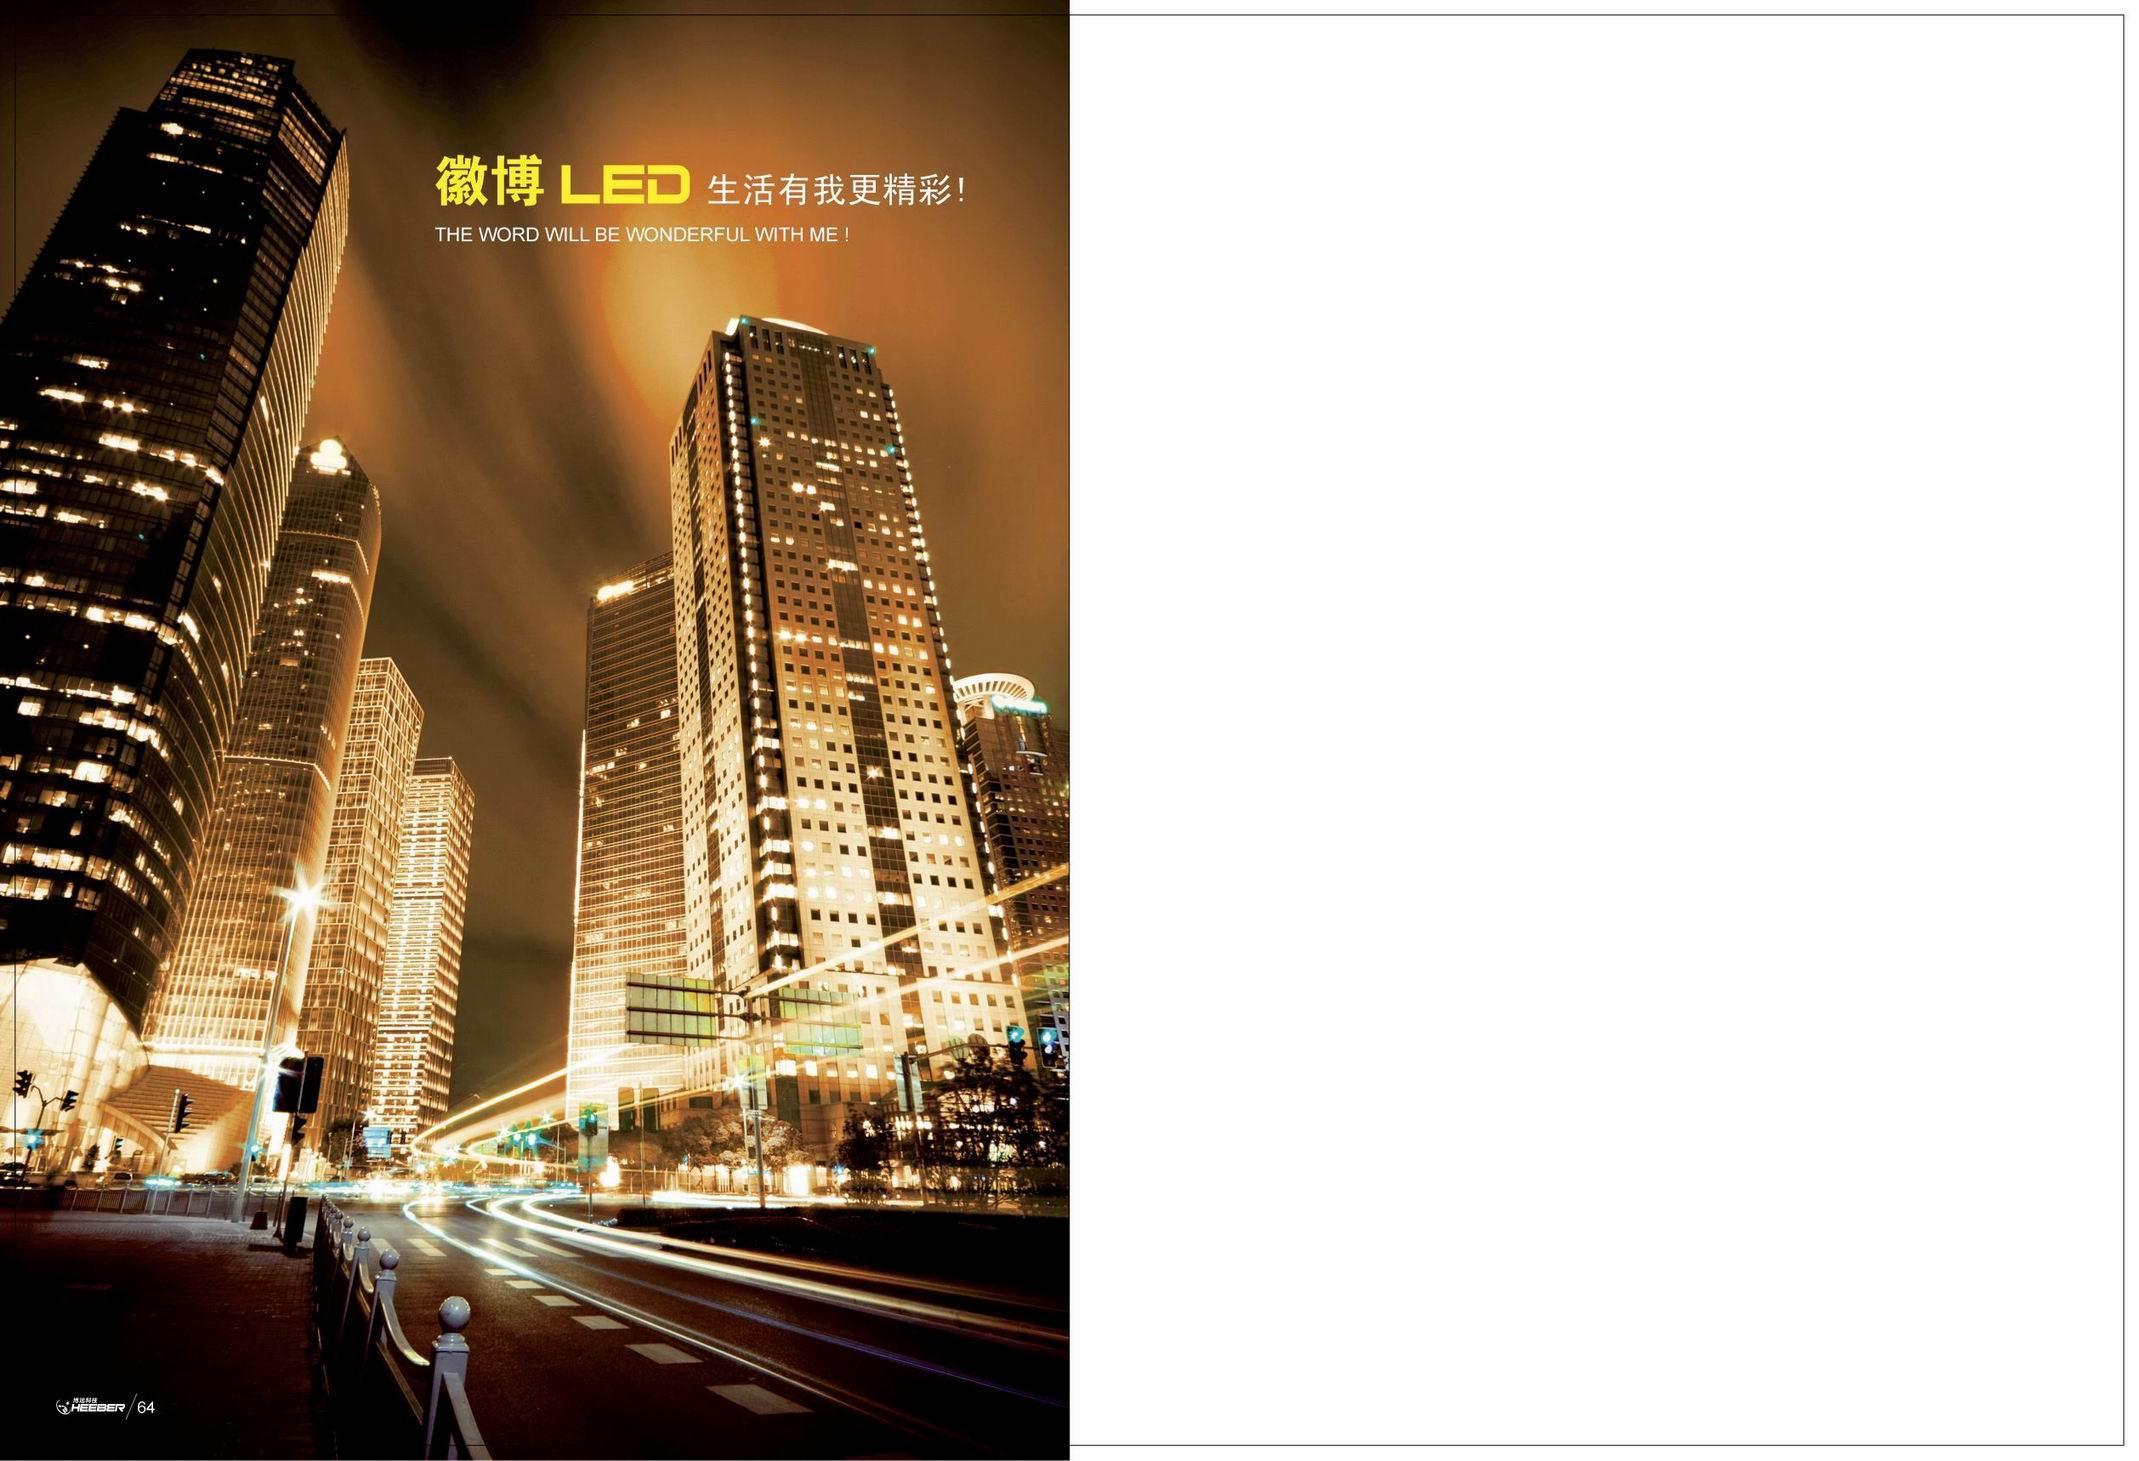 中国游戏中心是国内成立时间最早,业内著名的棋牌休闲游戏平台,提供棋牌休闲和网络竞技等各种游戏,下载中游游戏大厅即可免费畅玩包括棋牌、麻将、休闲游戏在内的各种游戏,成立17年来注册用户已超3亿,忙时在线人数超30万,各种游戏社团超2万个。小游戏,4399小游戏,小游戏大全,双人小游戏大全 - www.4399.co.在线棋牌游戏是自由型娱乐平台,在线棋牌游戏拥有非常丰富的娱乐游戏内容。在线棋牌游戏有很多的项目,都可以在这里选择得到。